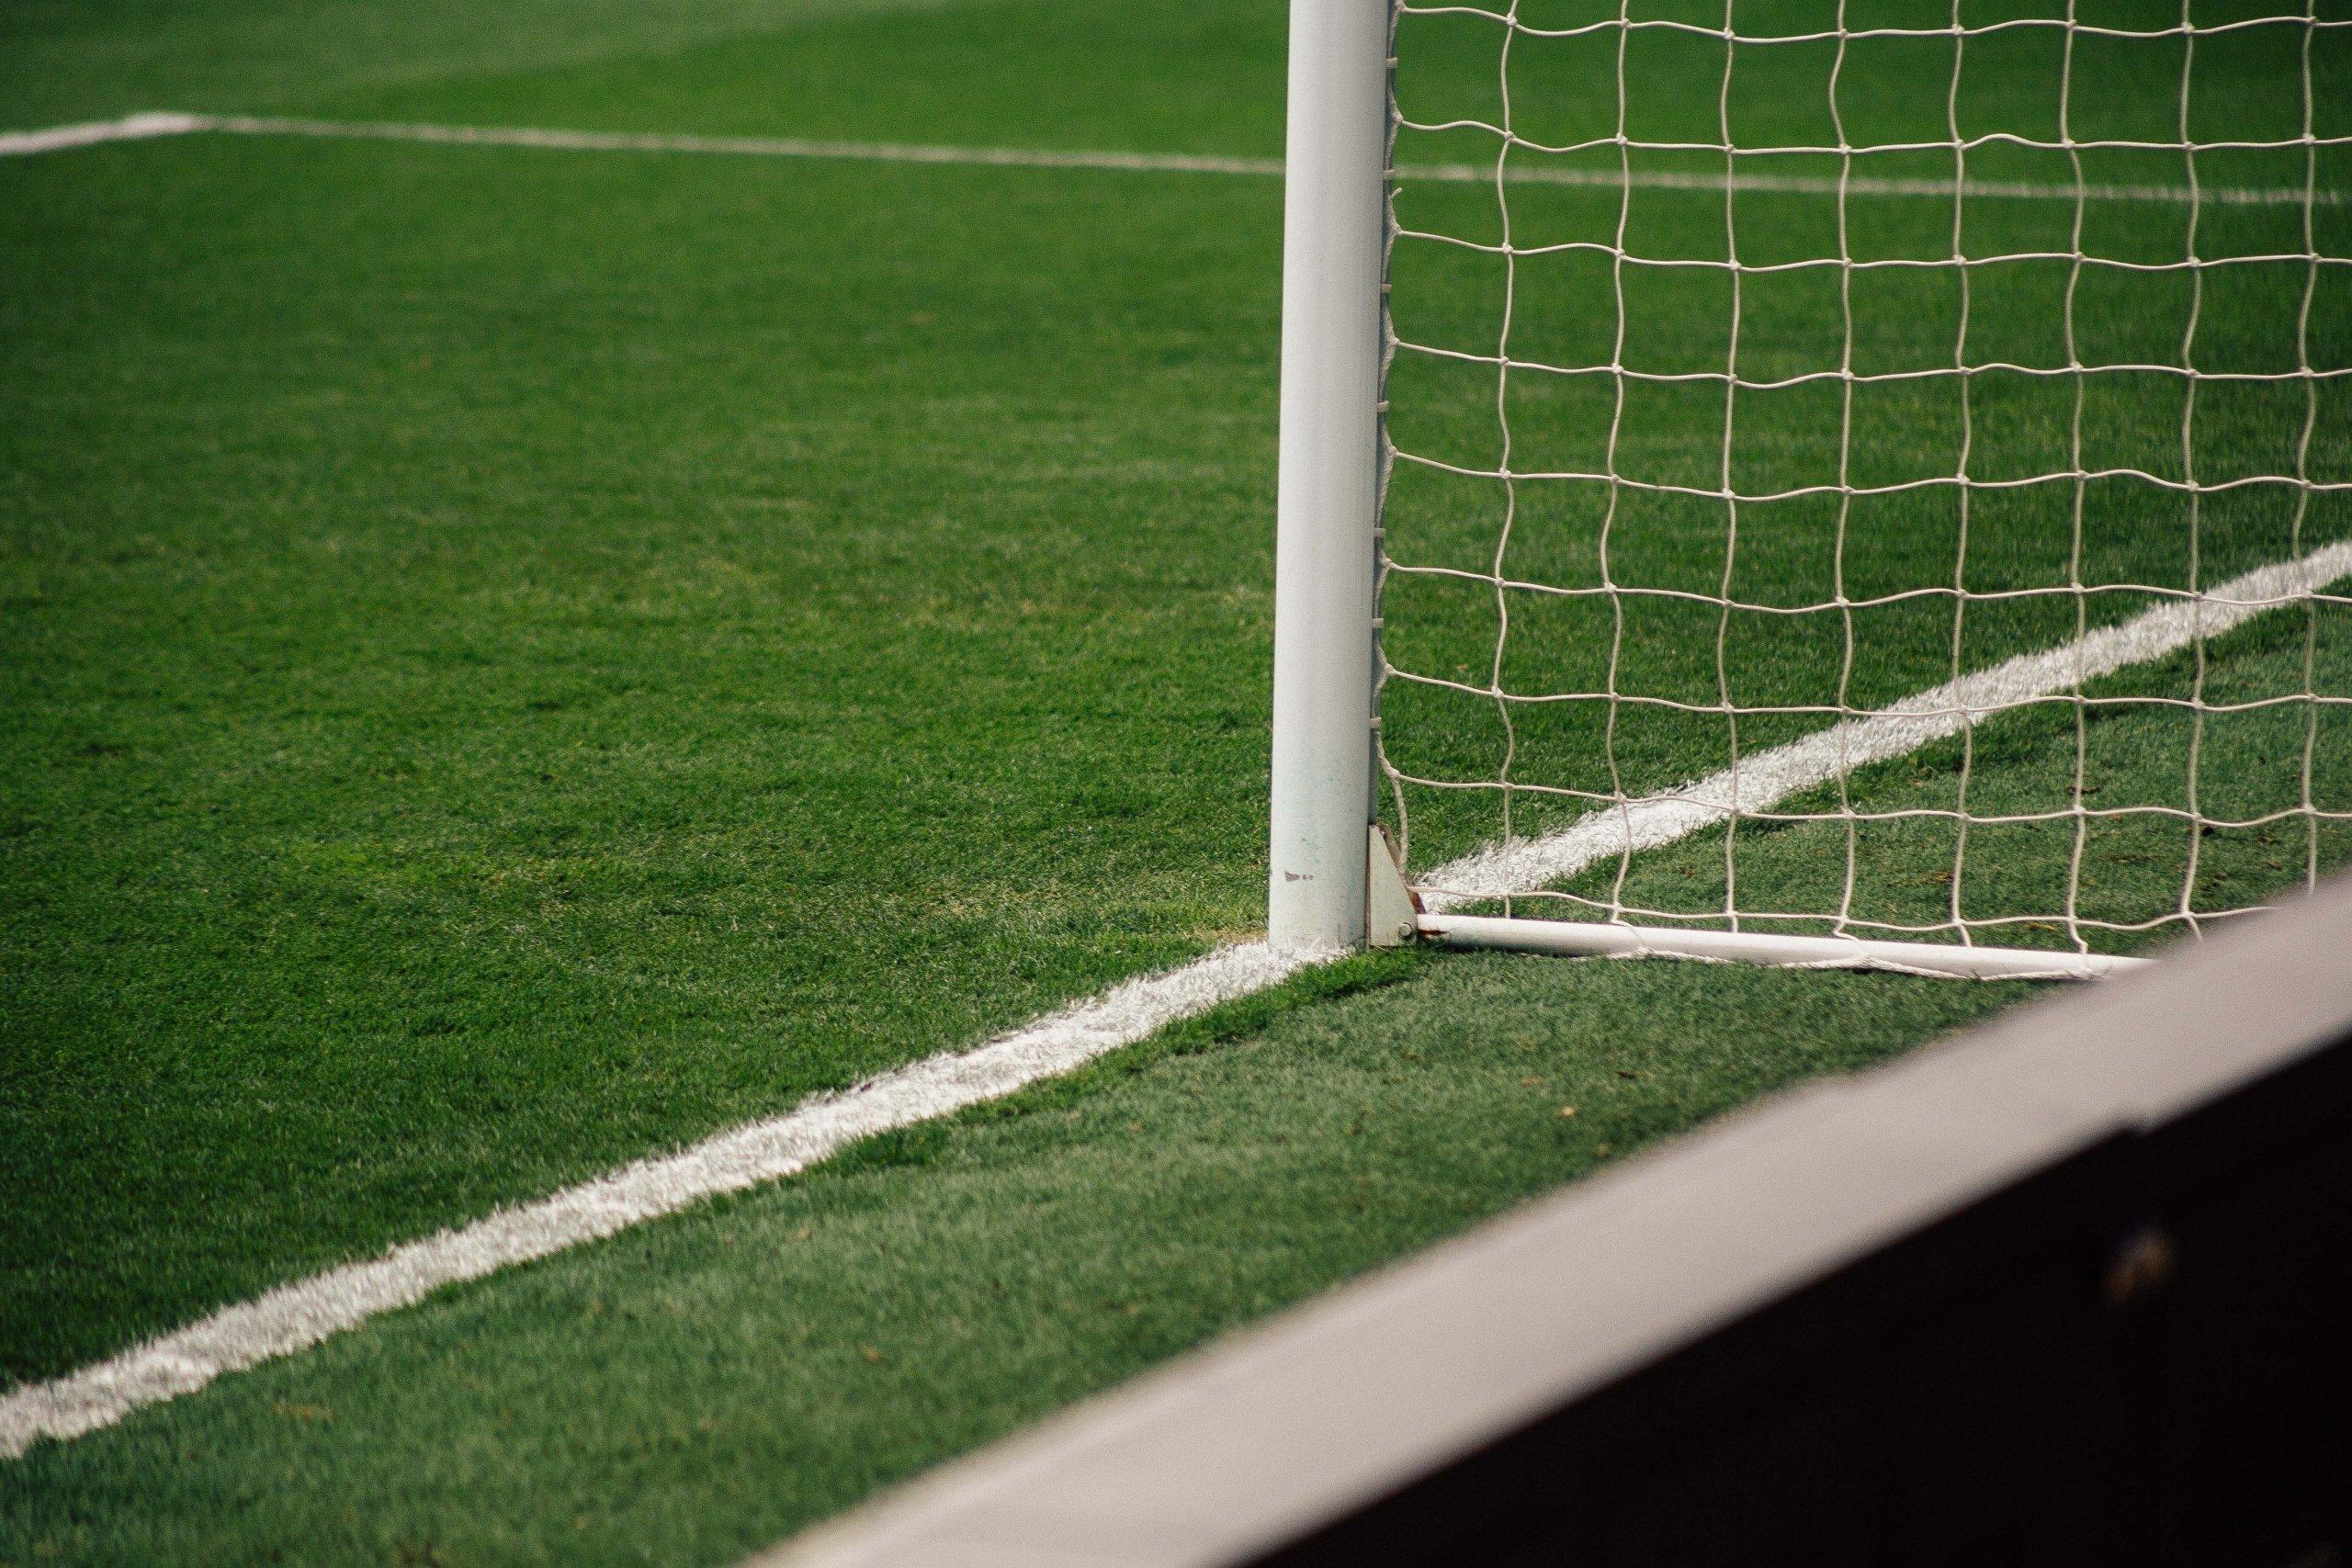 nogometna mreža